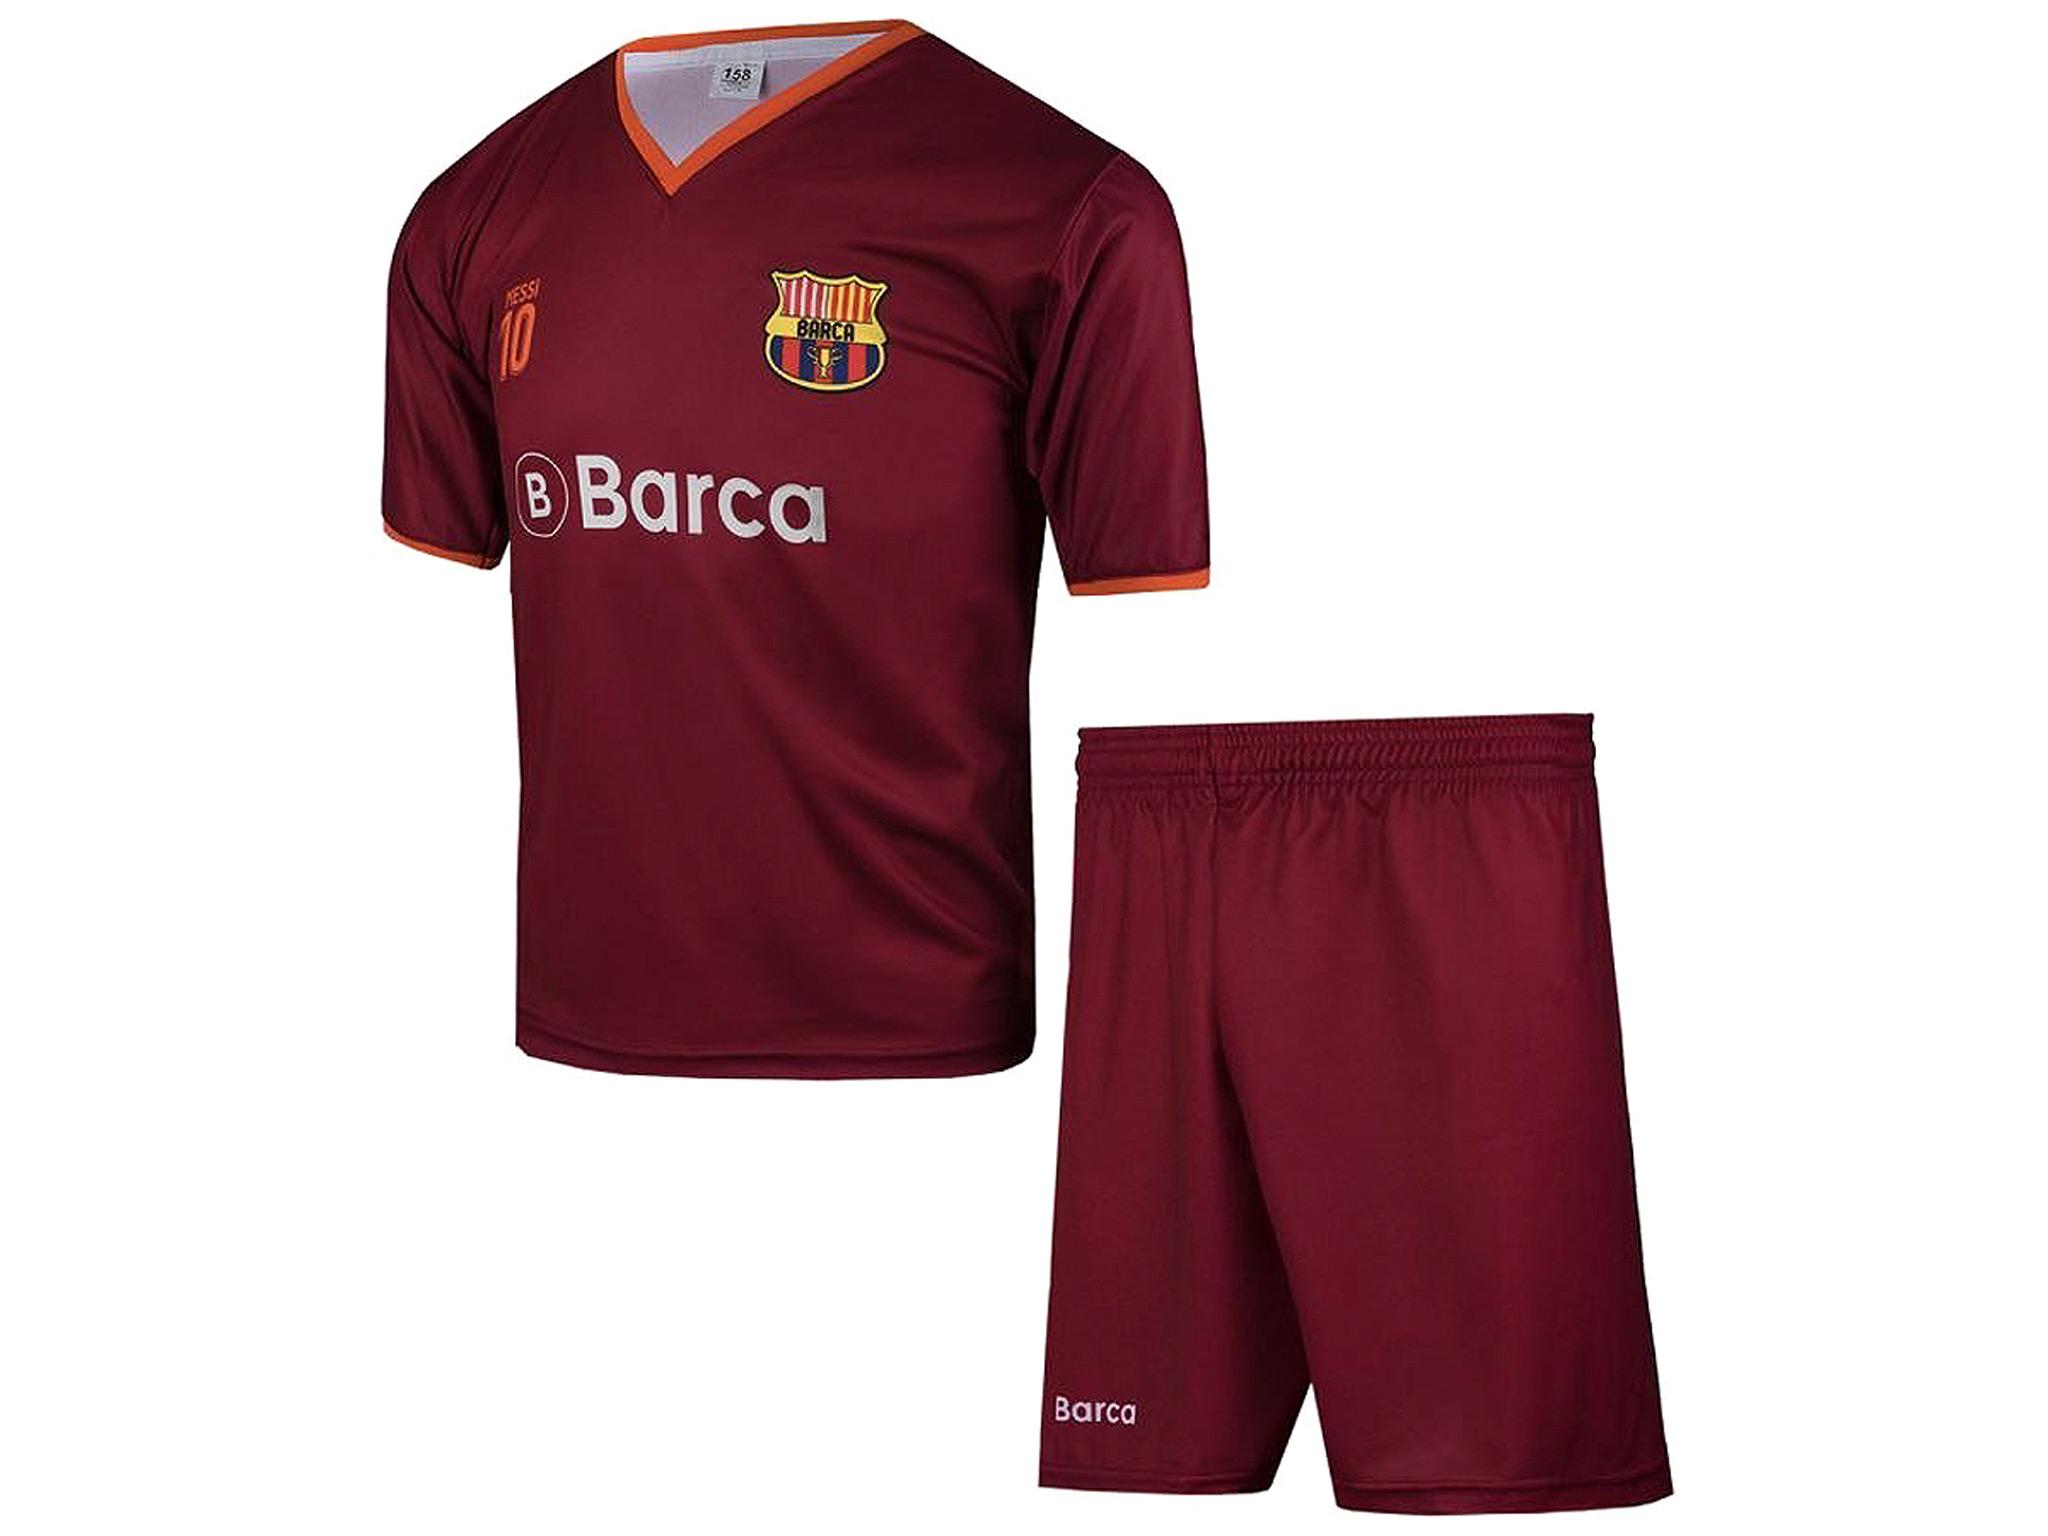 23f1efe56e5ff5 Komplet piłkarski Replika BARCA MESSI - 128 - 7258556989 - oficjalne ...